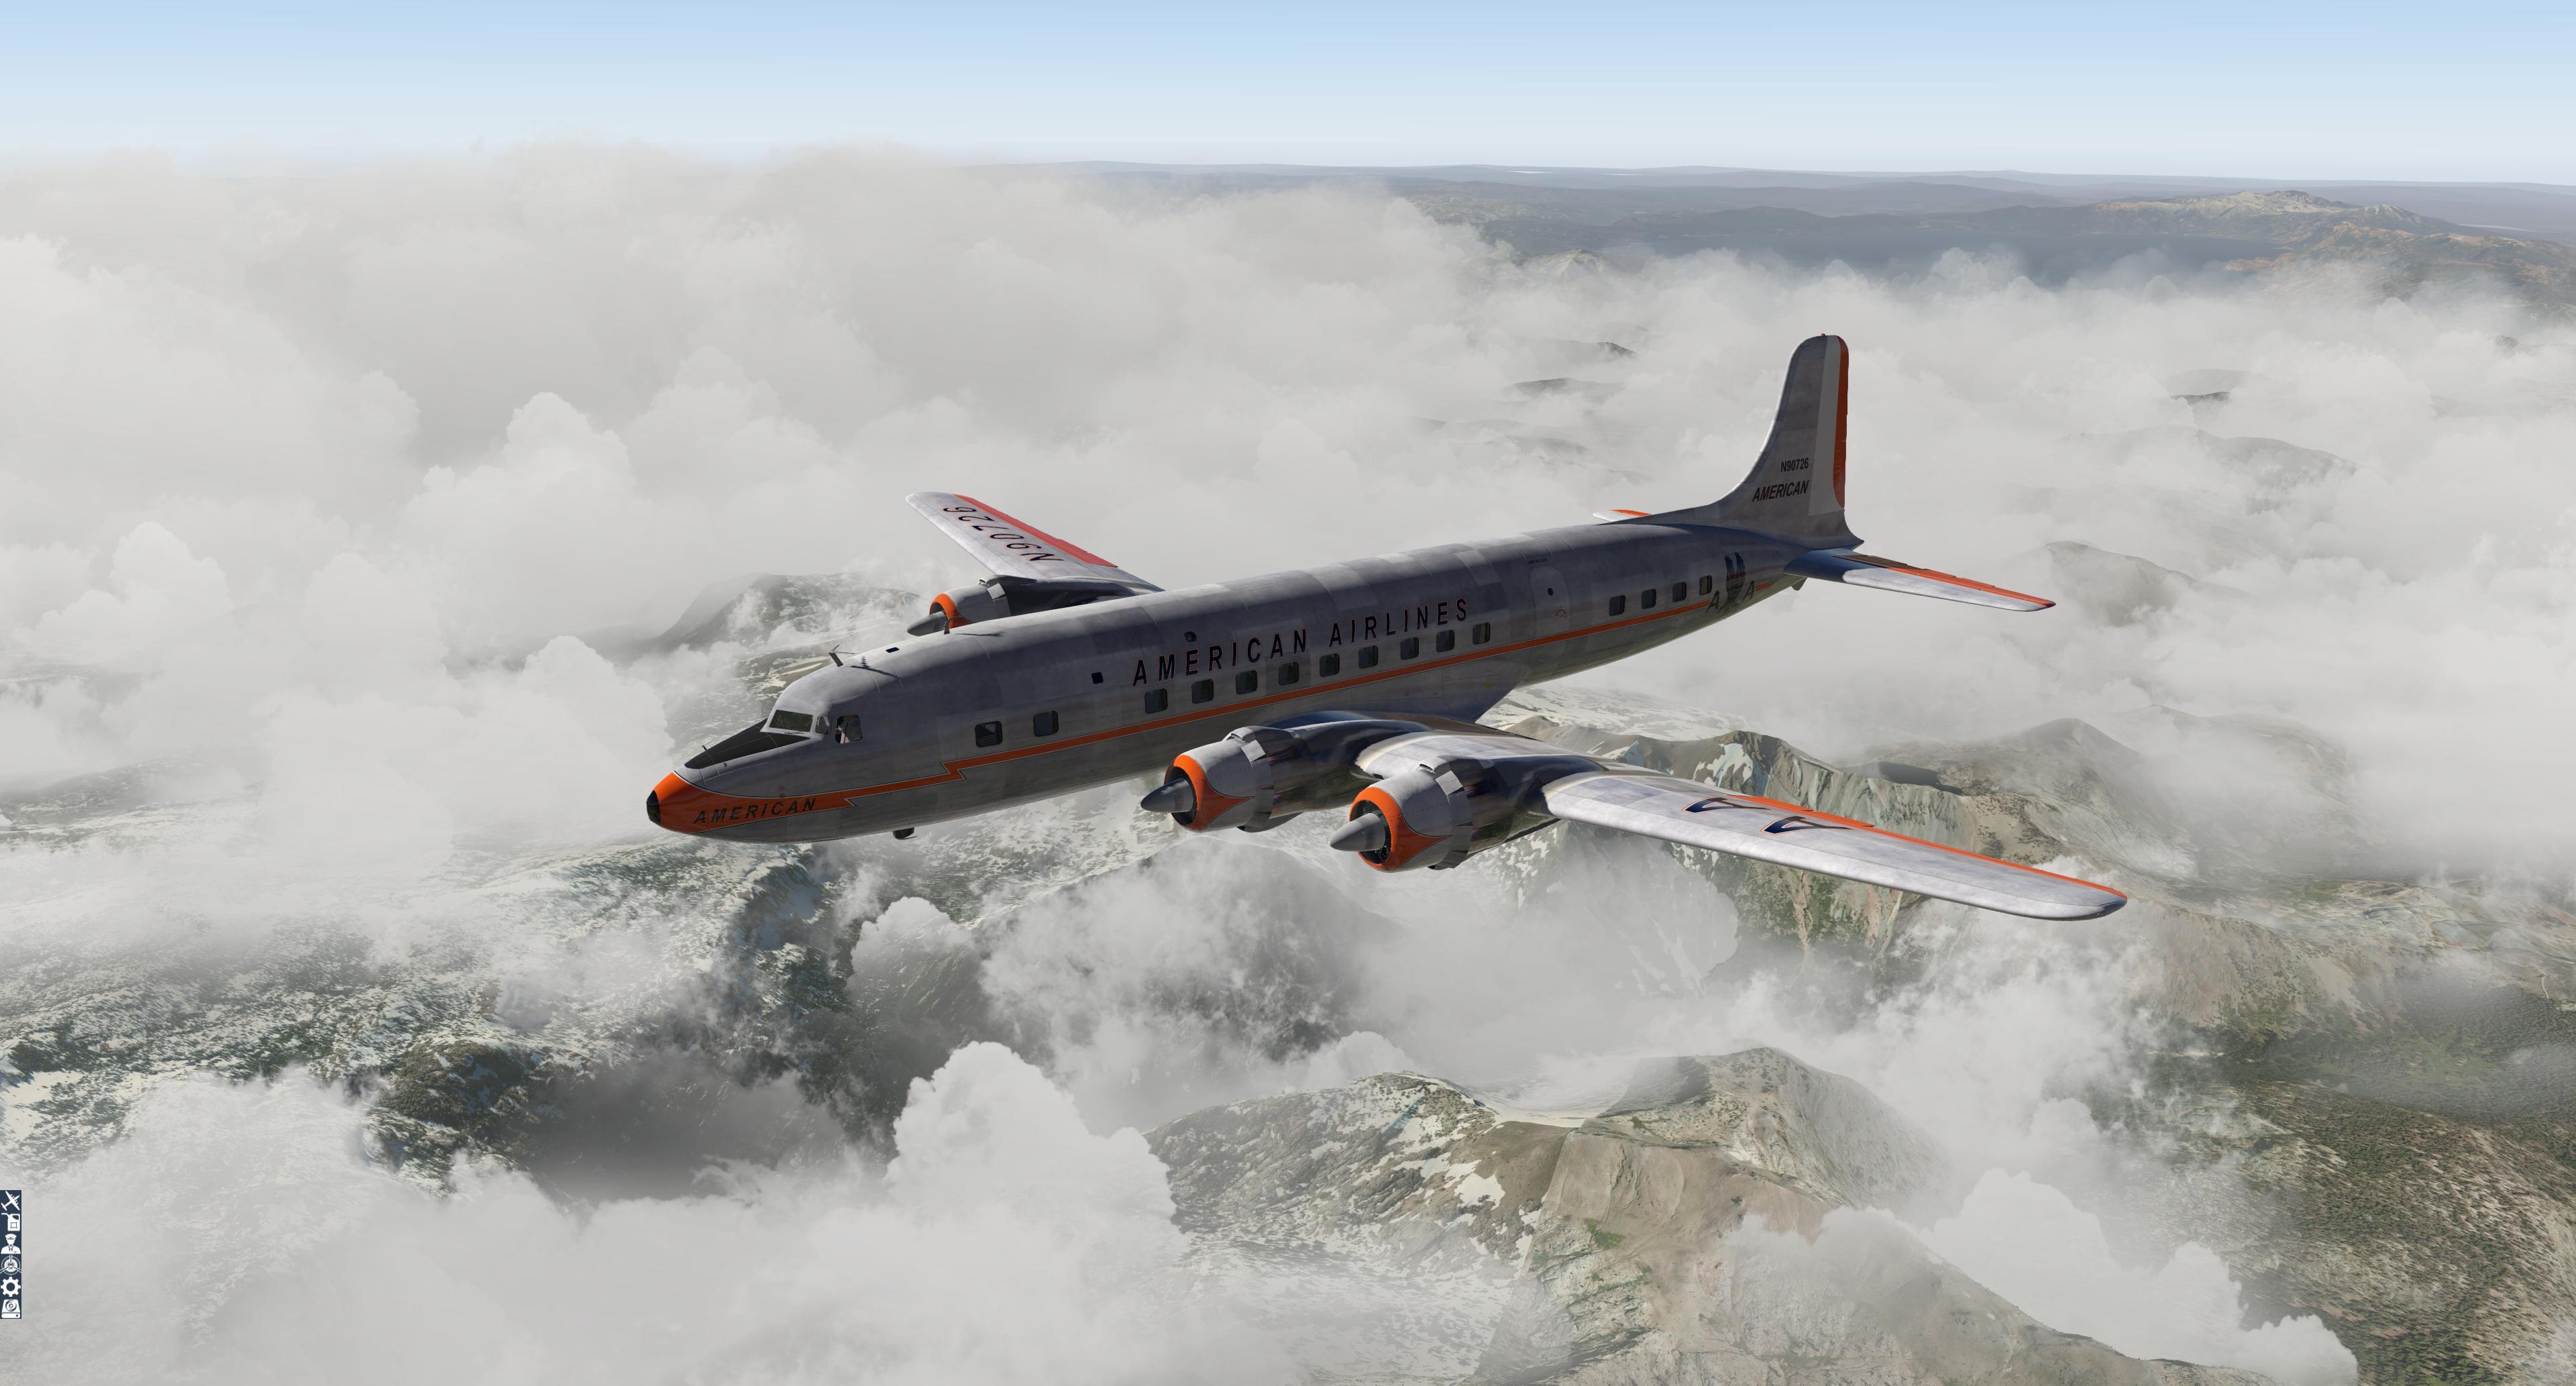 X_Plane_2017_02_02_22_07_39_30.jpg